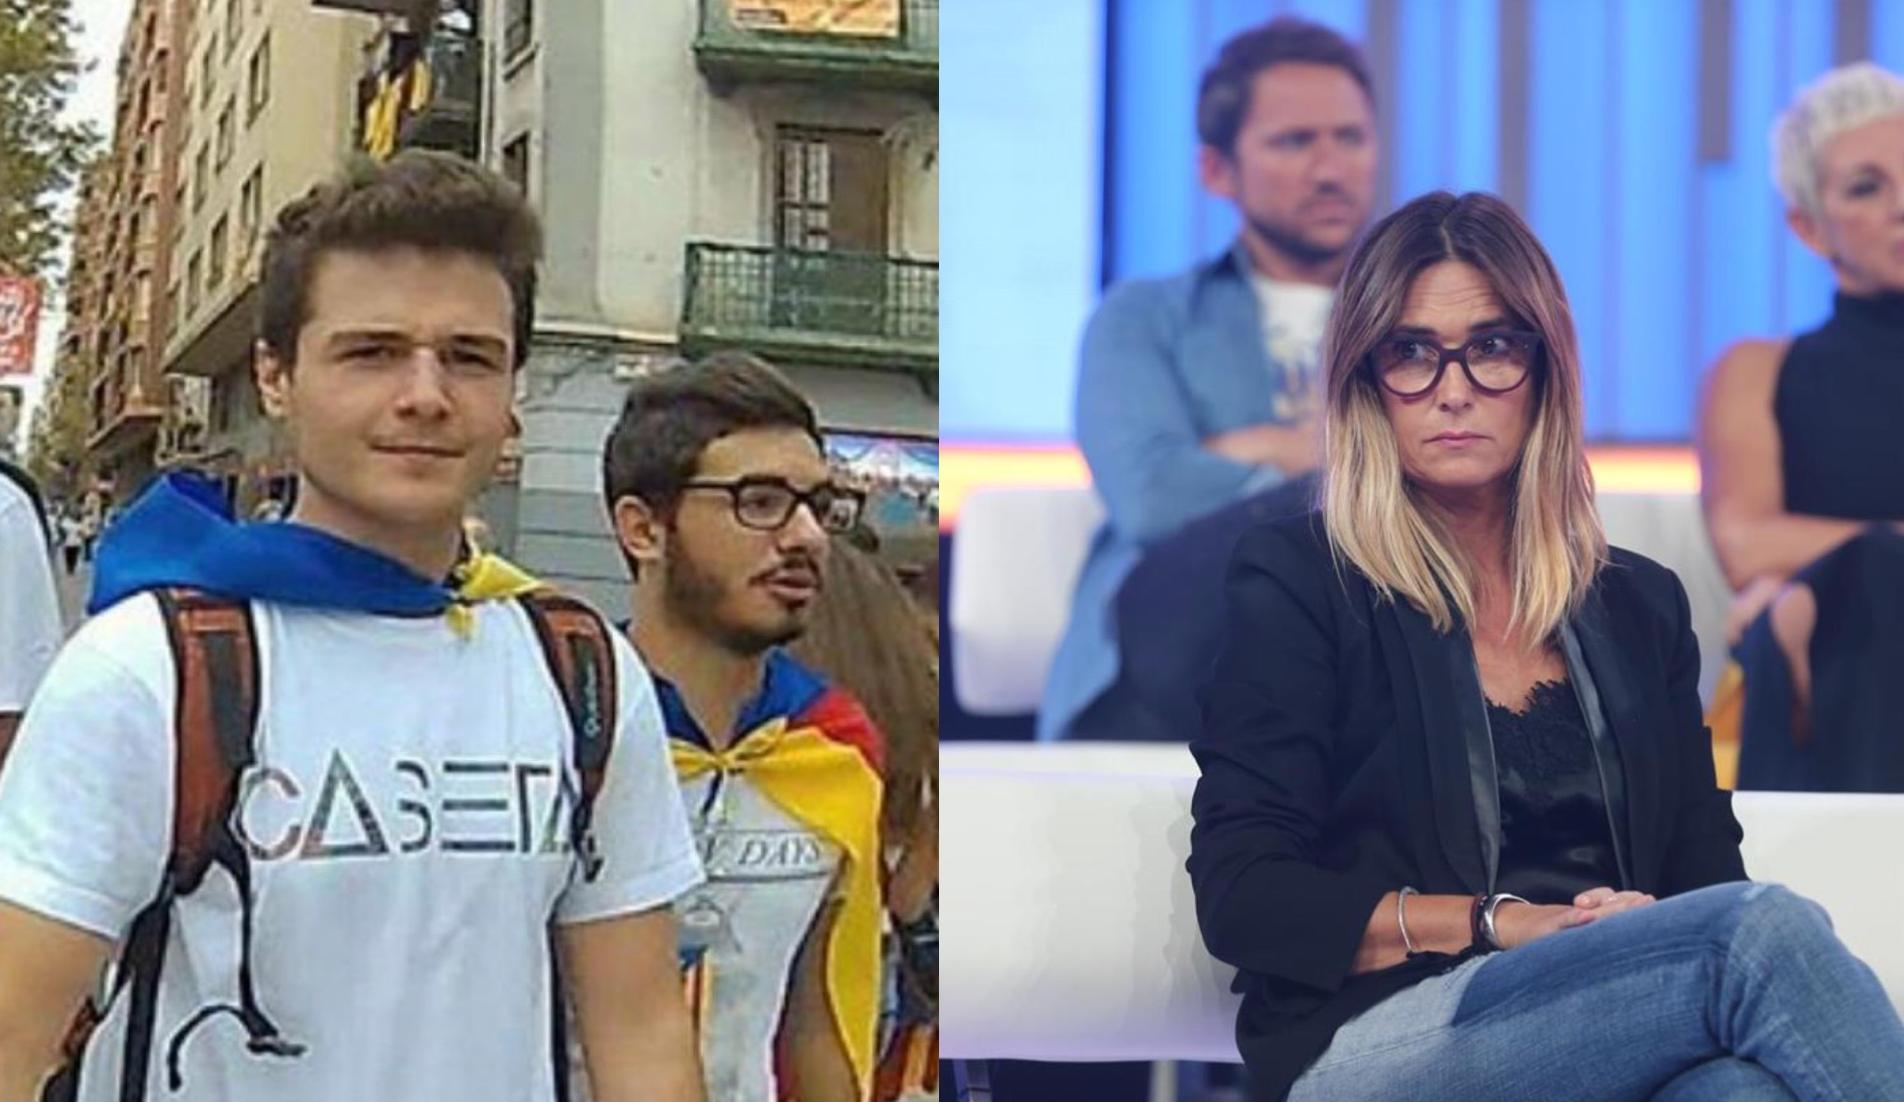 Miki Nuñez en 2015 y Noemí Galera en Operación Triunfo 2018